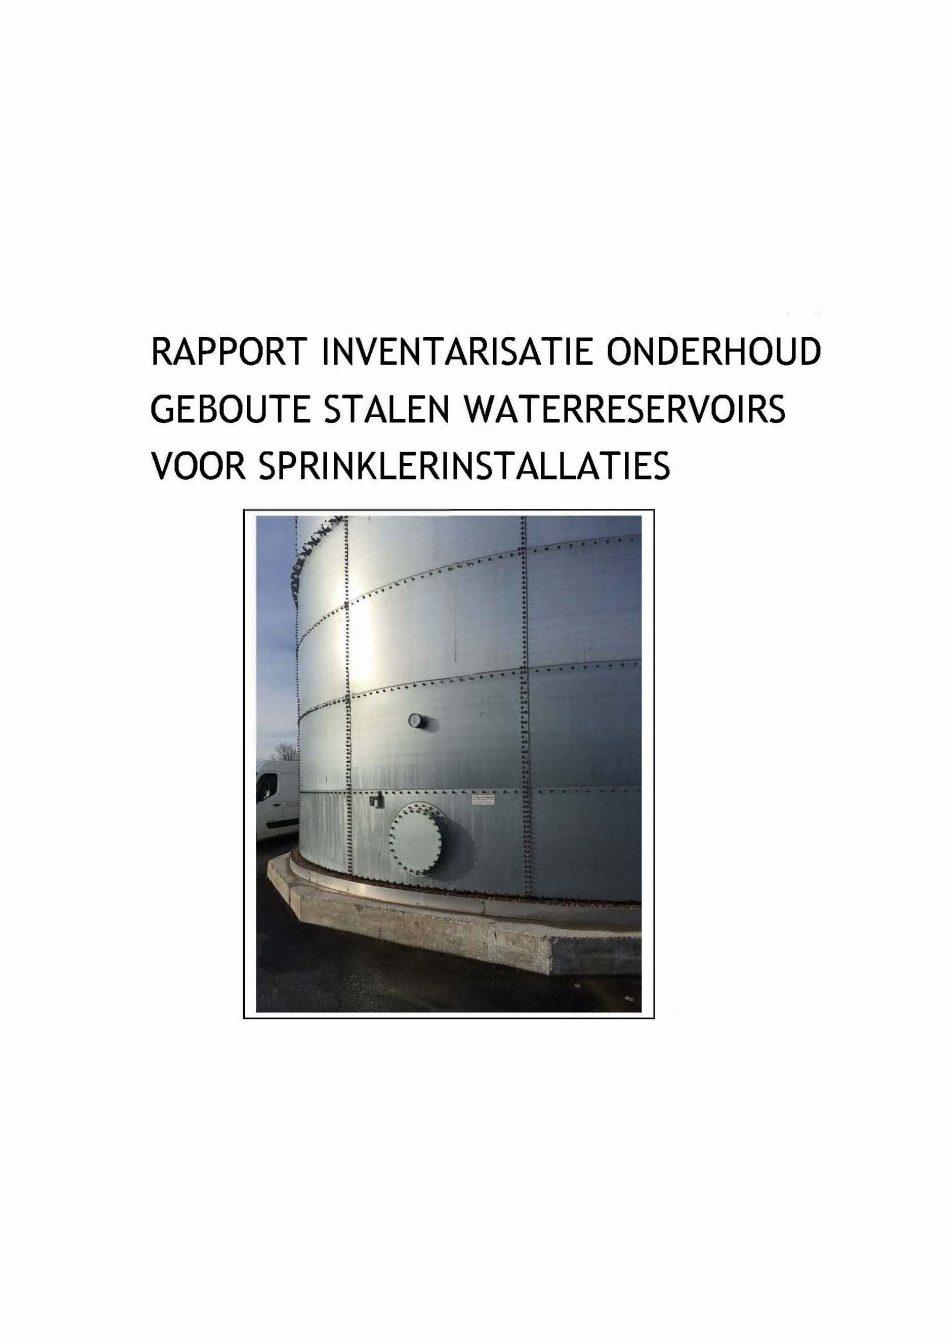 Onderzoek 'rapport inventarisatie onderhoud sprinklertanks' gepubliceerd